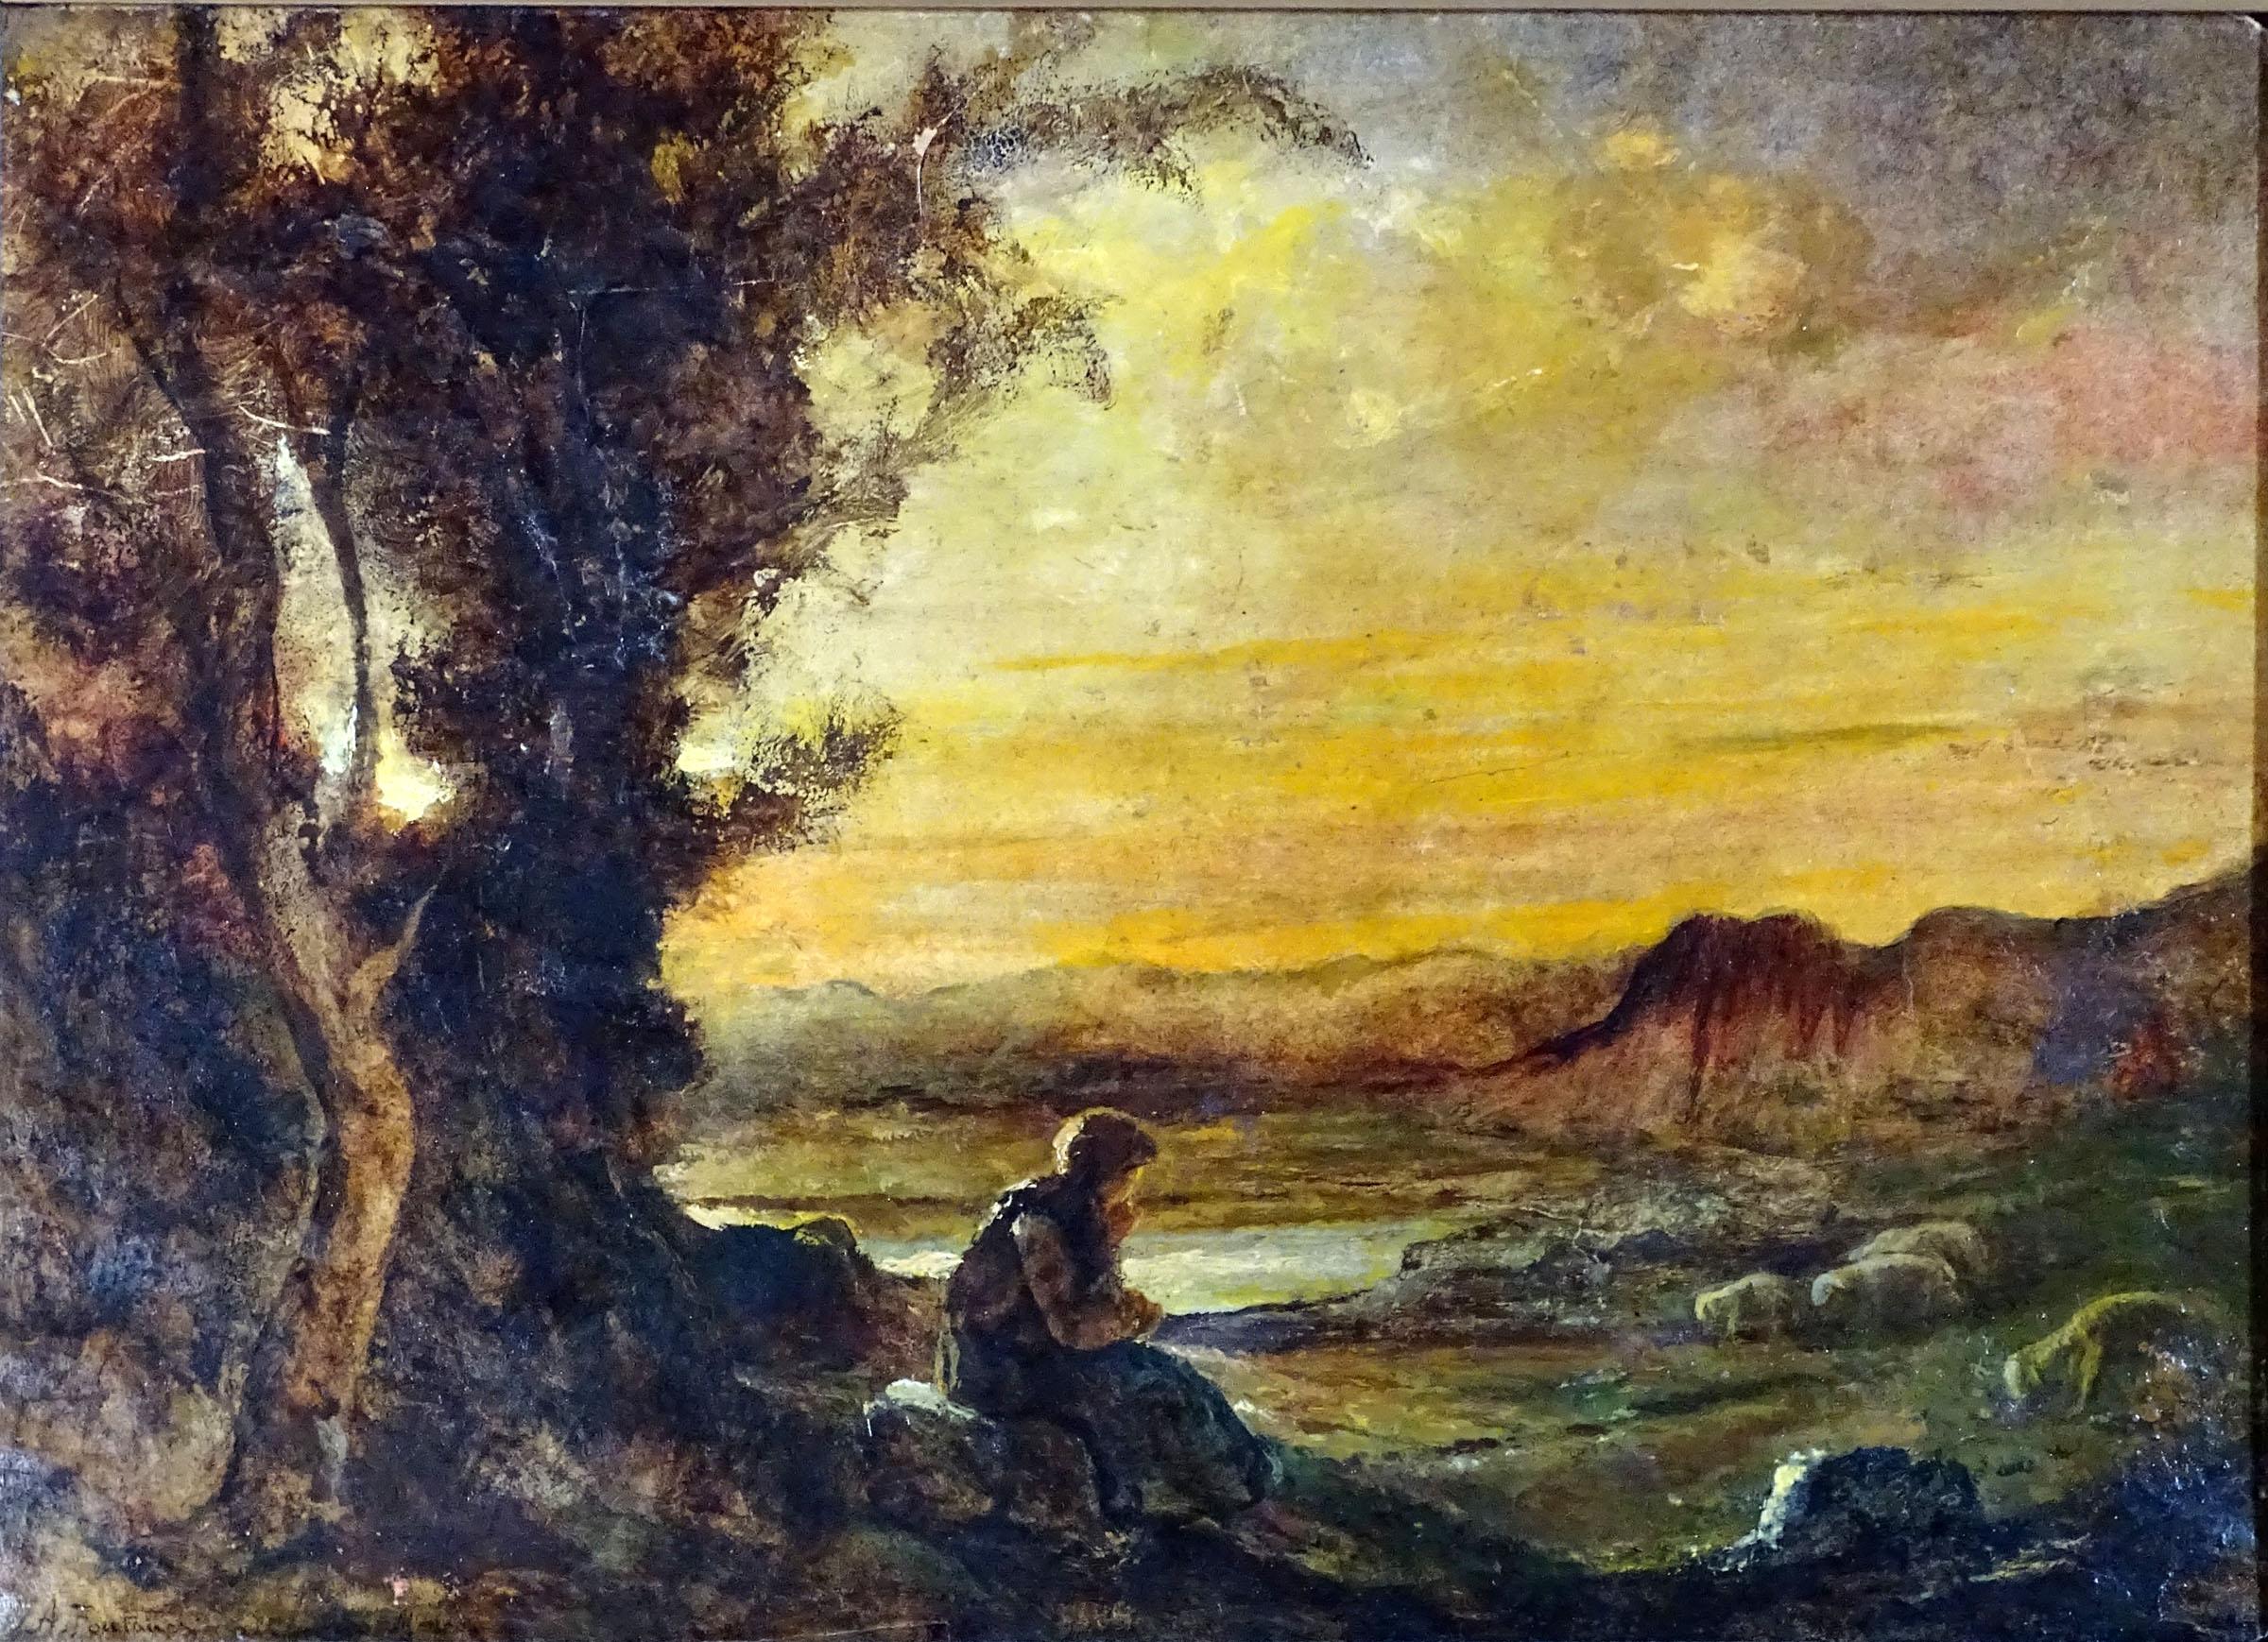 Da Previati a Fontana, da De Nittis a Carrà. A Lecco, due secoli di pittura del paesaggio